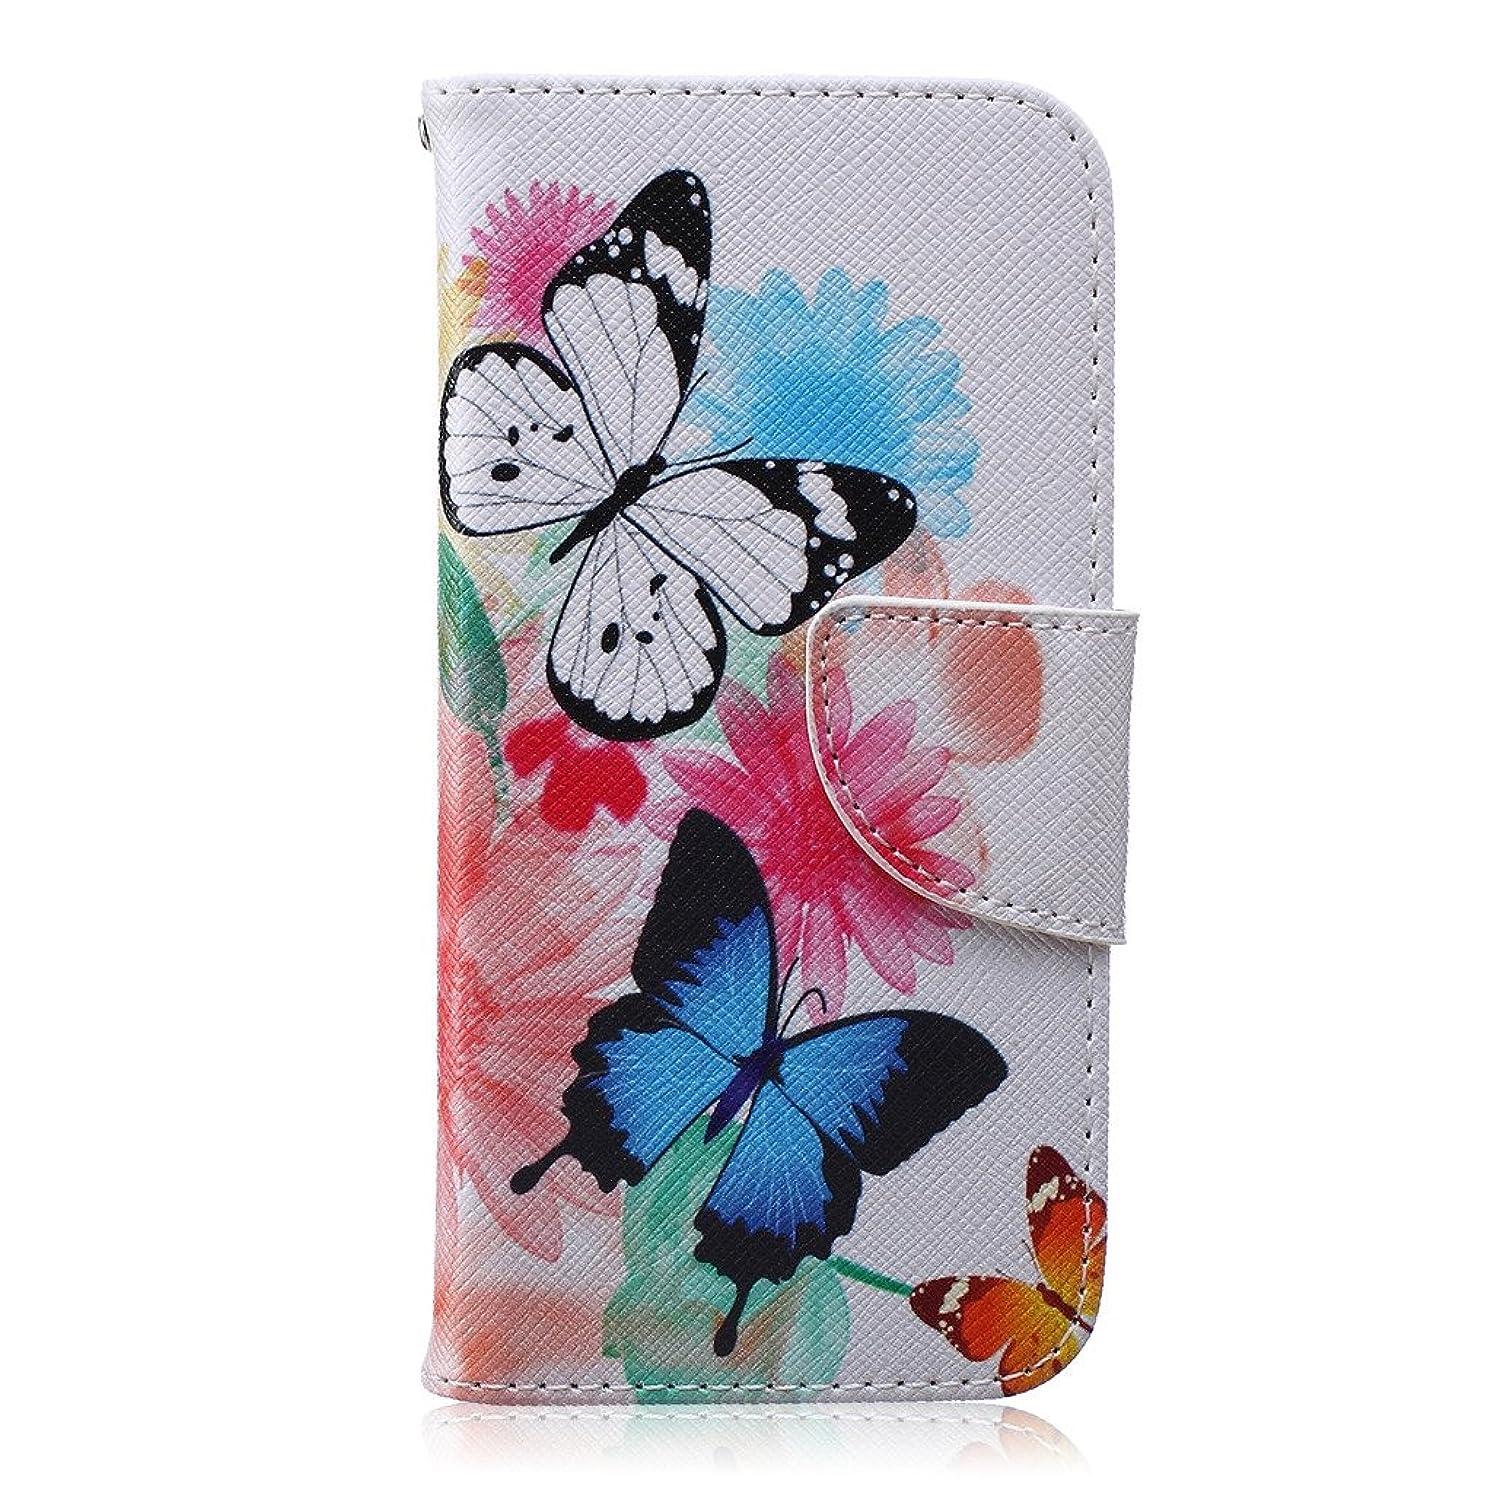 一貫性のない彼女は酸iphone 6 6S Wallet カバー ケース, Ougger(TM) Floral Butterfly 手帳型保護 [絵画シリーズ] ユニークパース PU レザーカード 収納 ポケット スロット スタンド カバー ケース